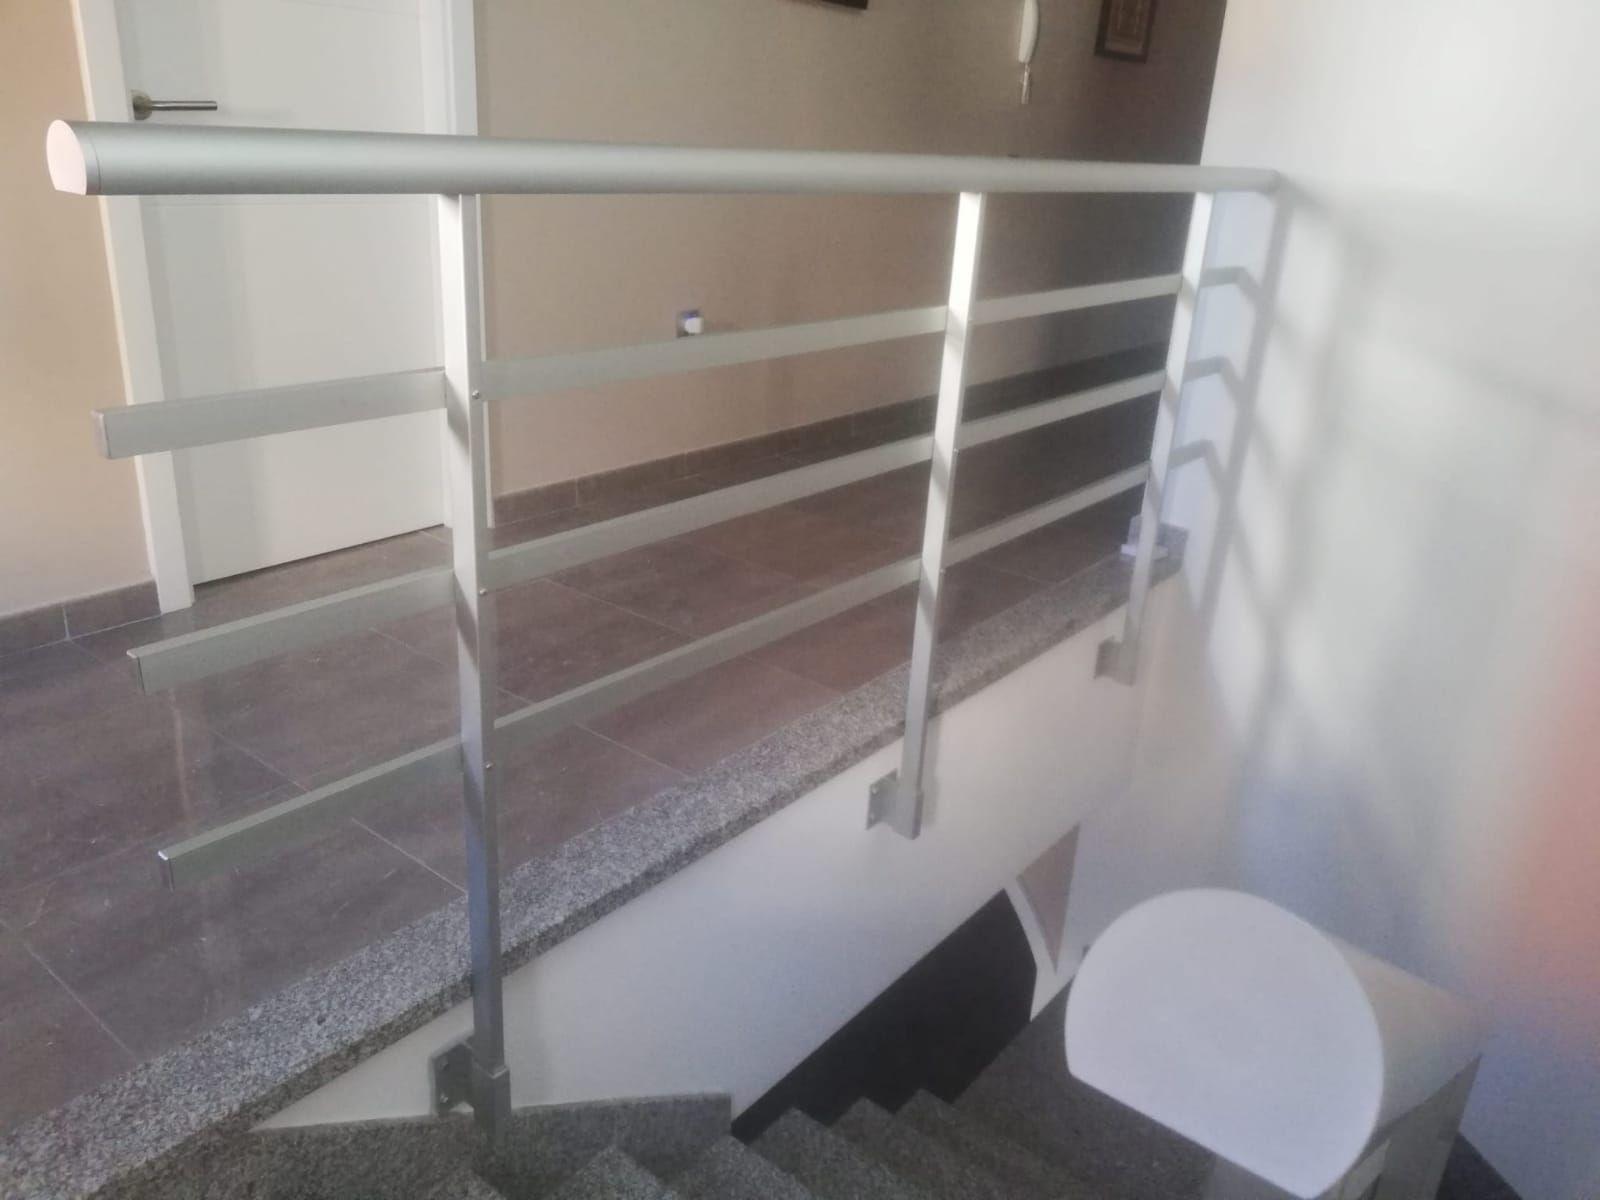 Foto 44 de Carpintería de aluminio, metálica y PVC en La Matanza | Namiju Aluminios